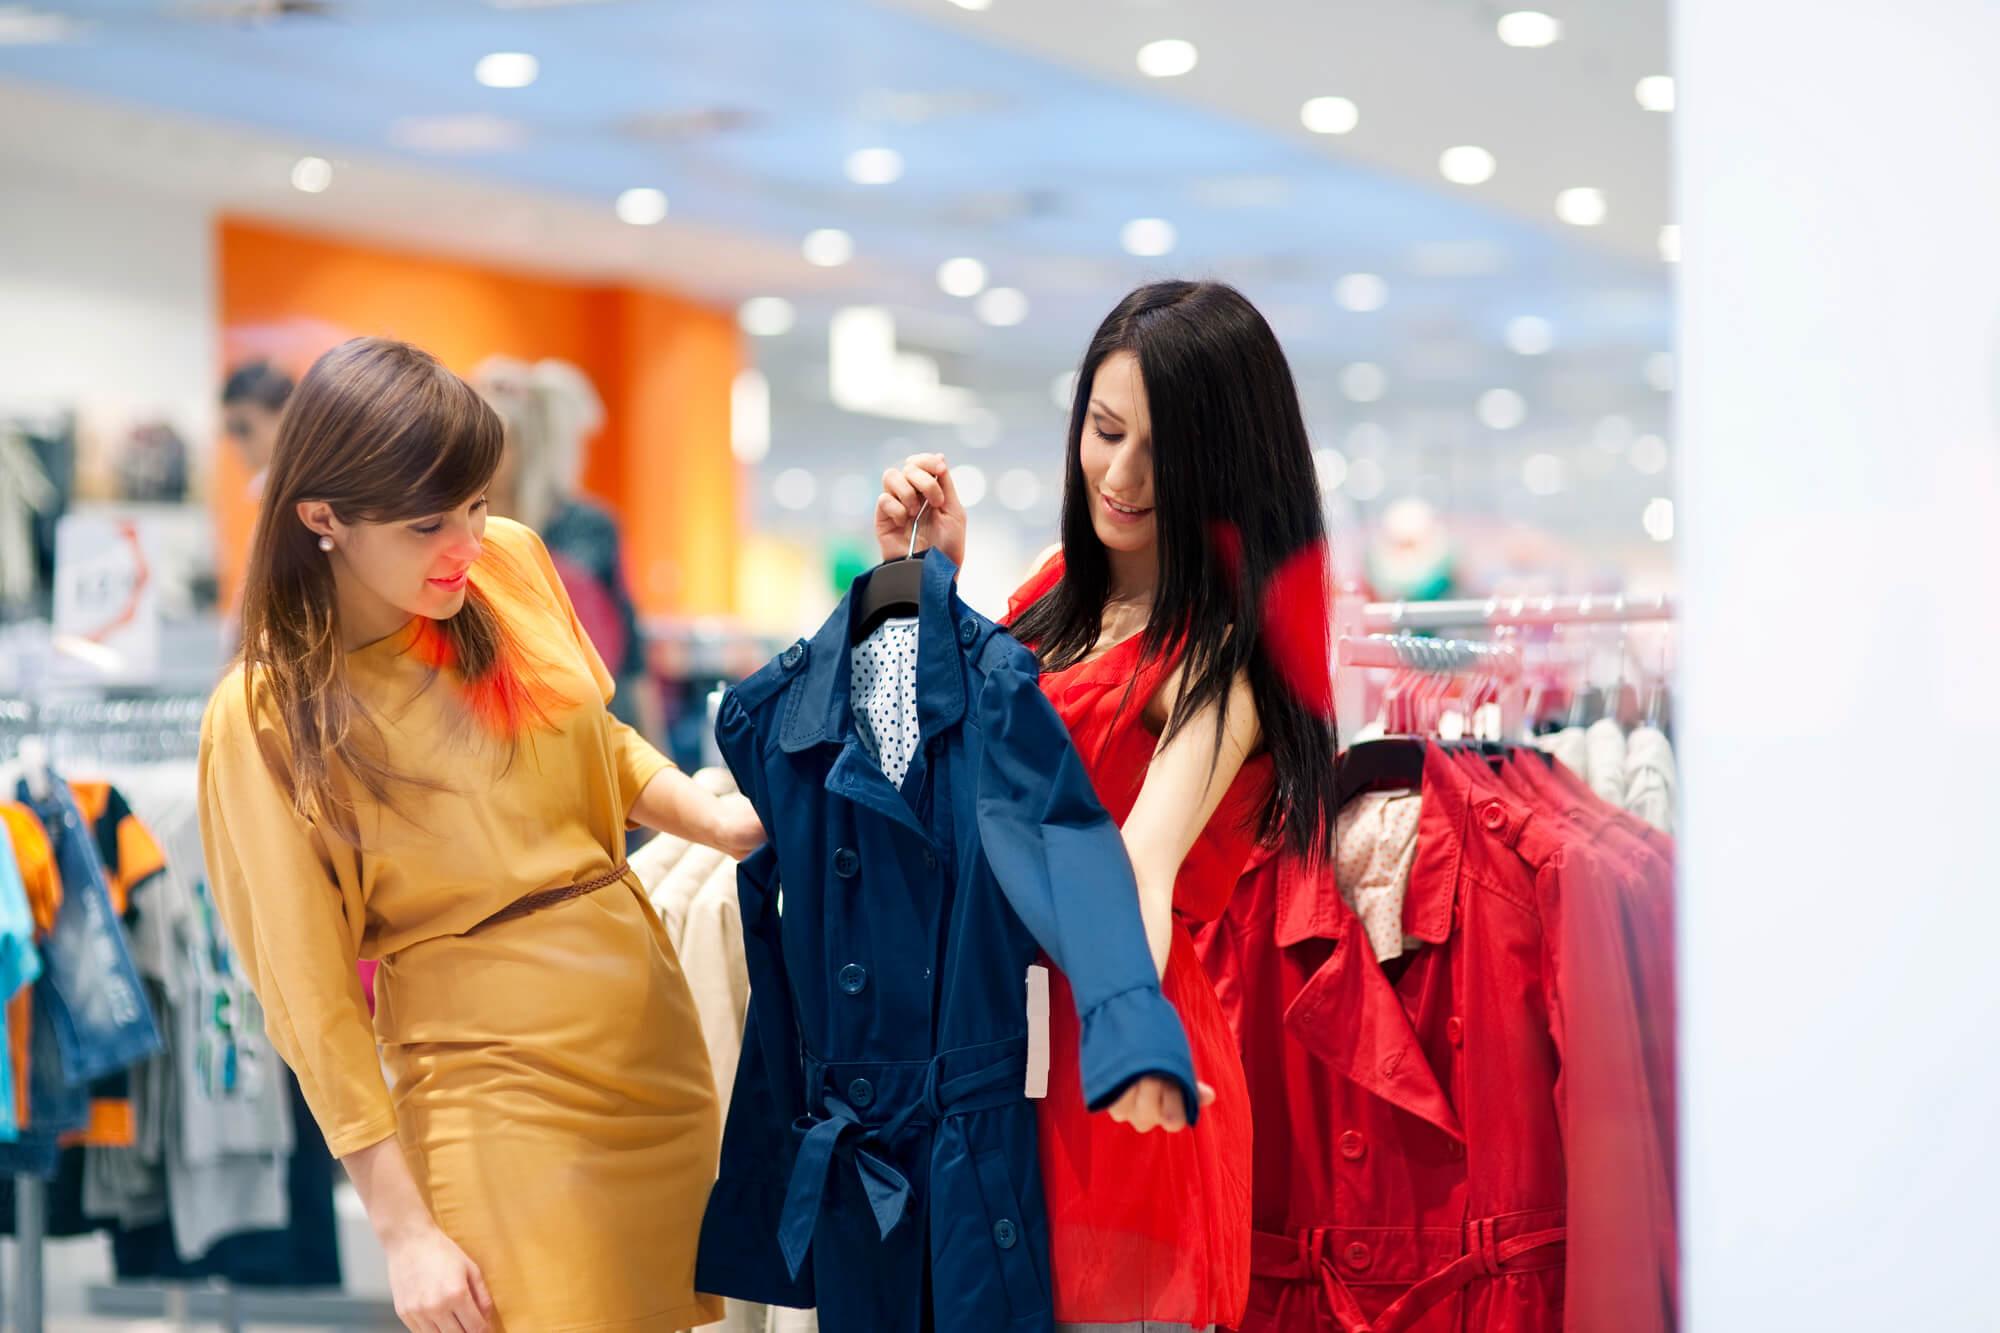 Vásárlás Stylisttal - Nőknek